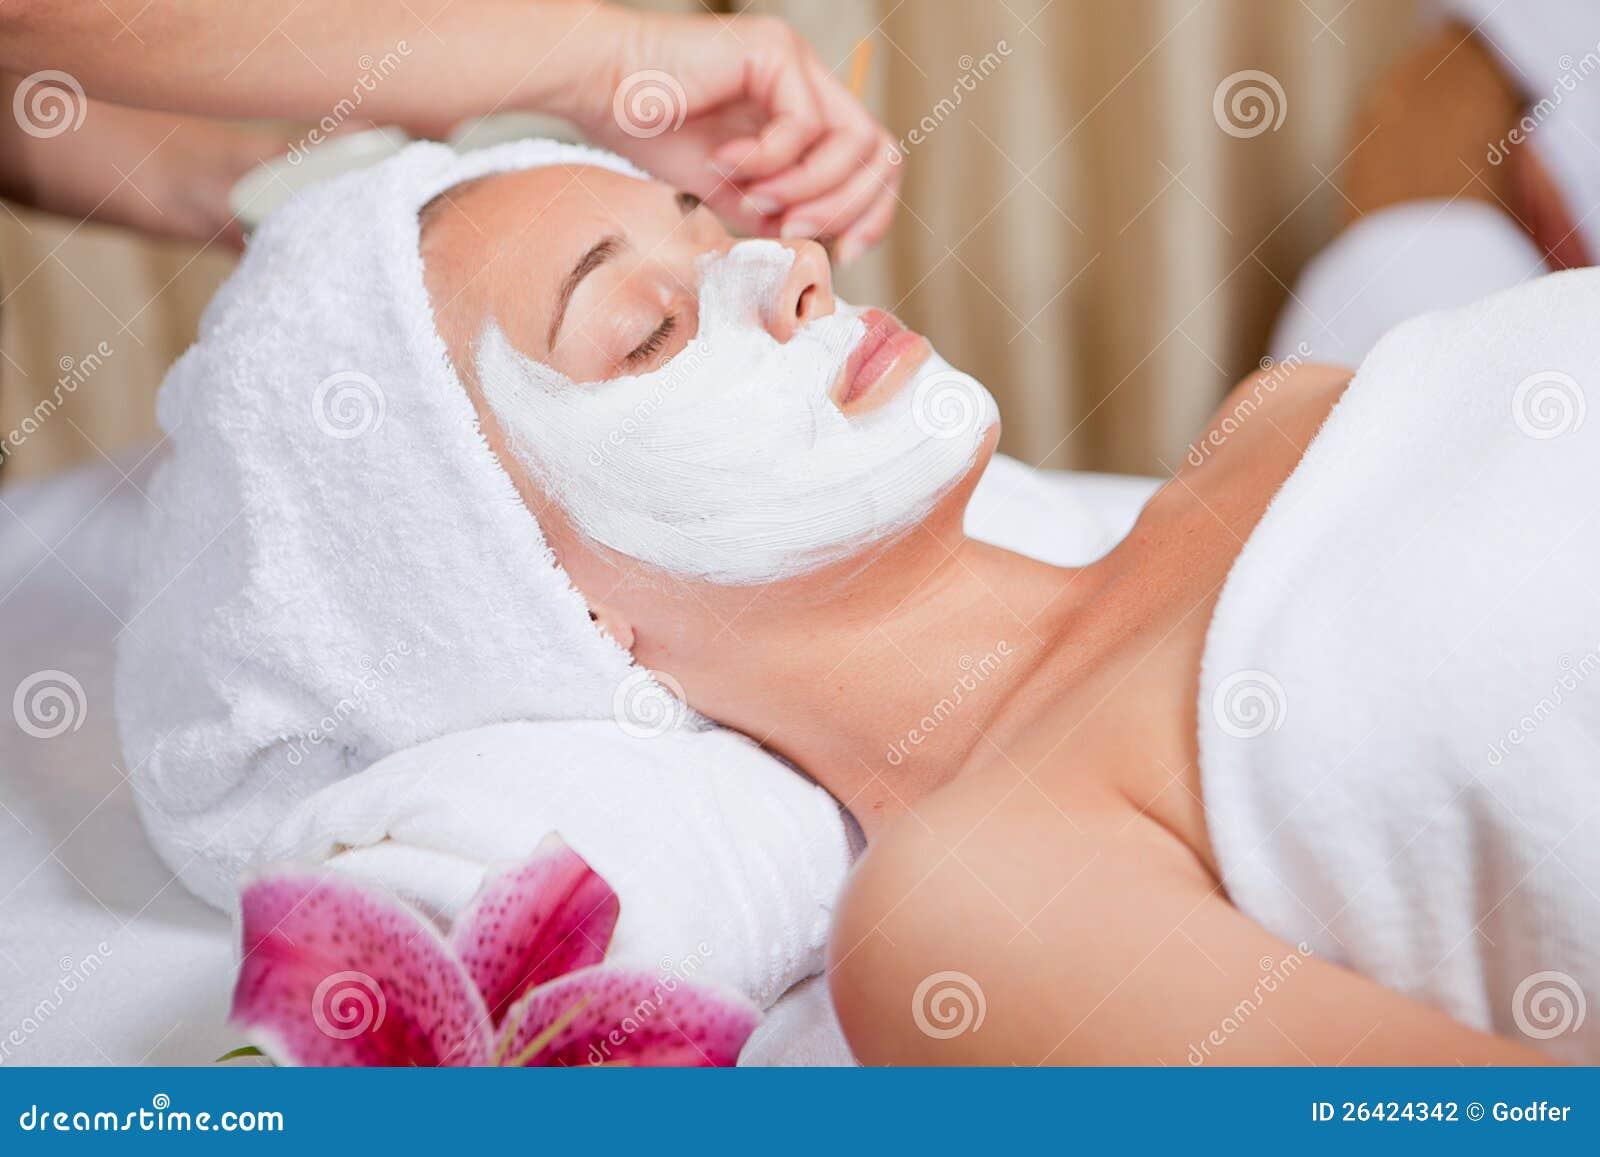 Come togliere la pigmentazione su pelle